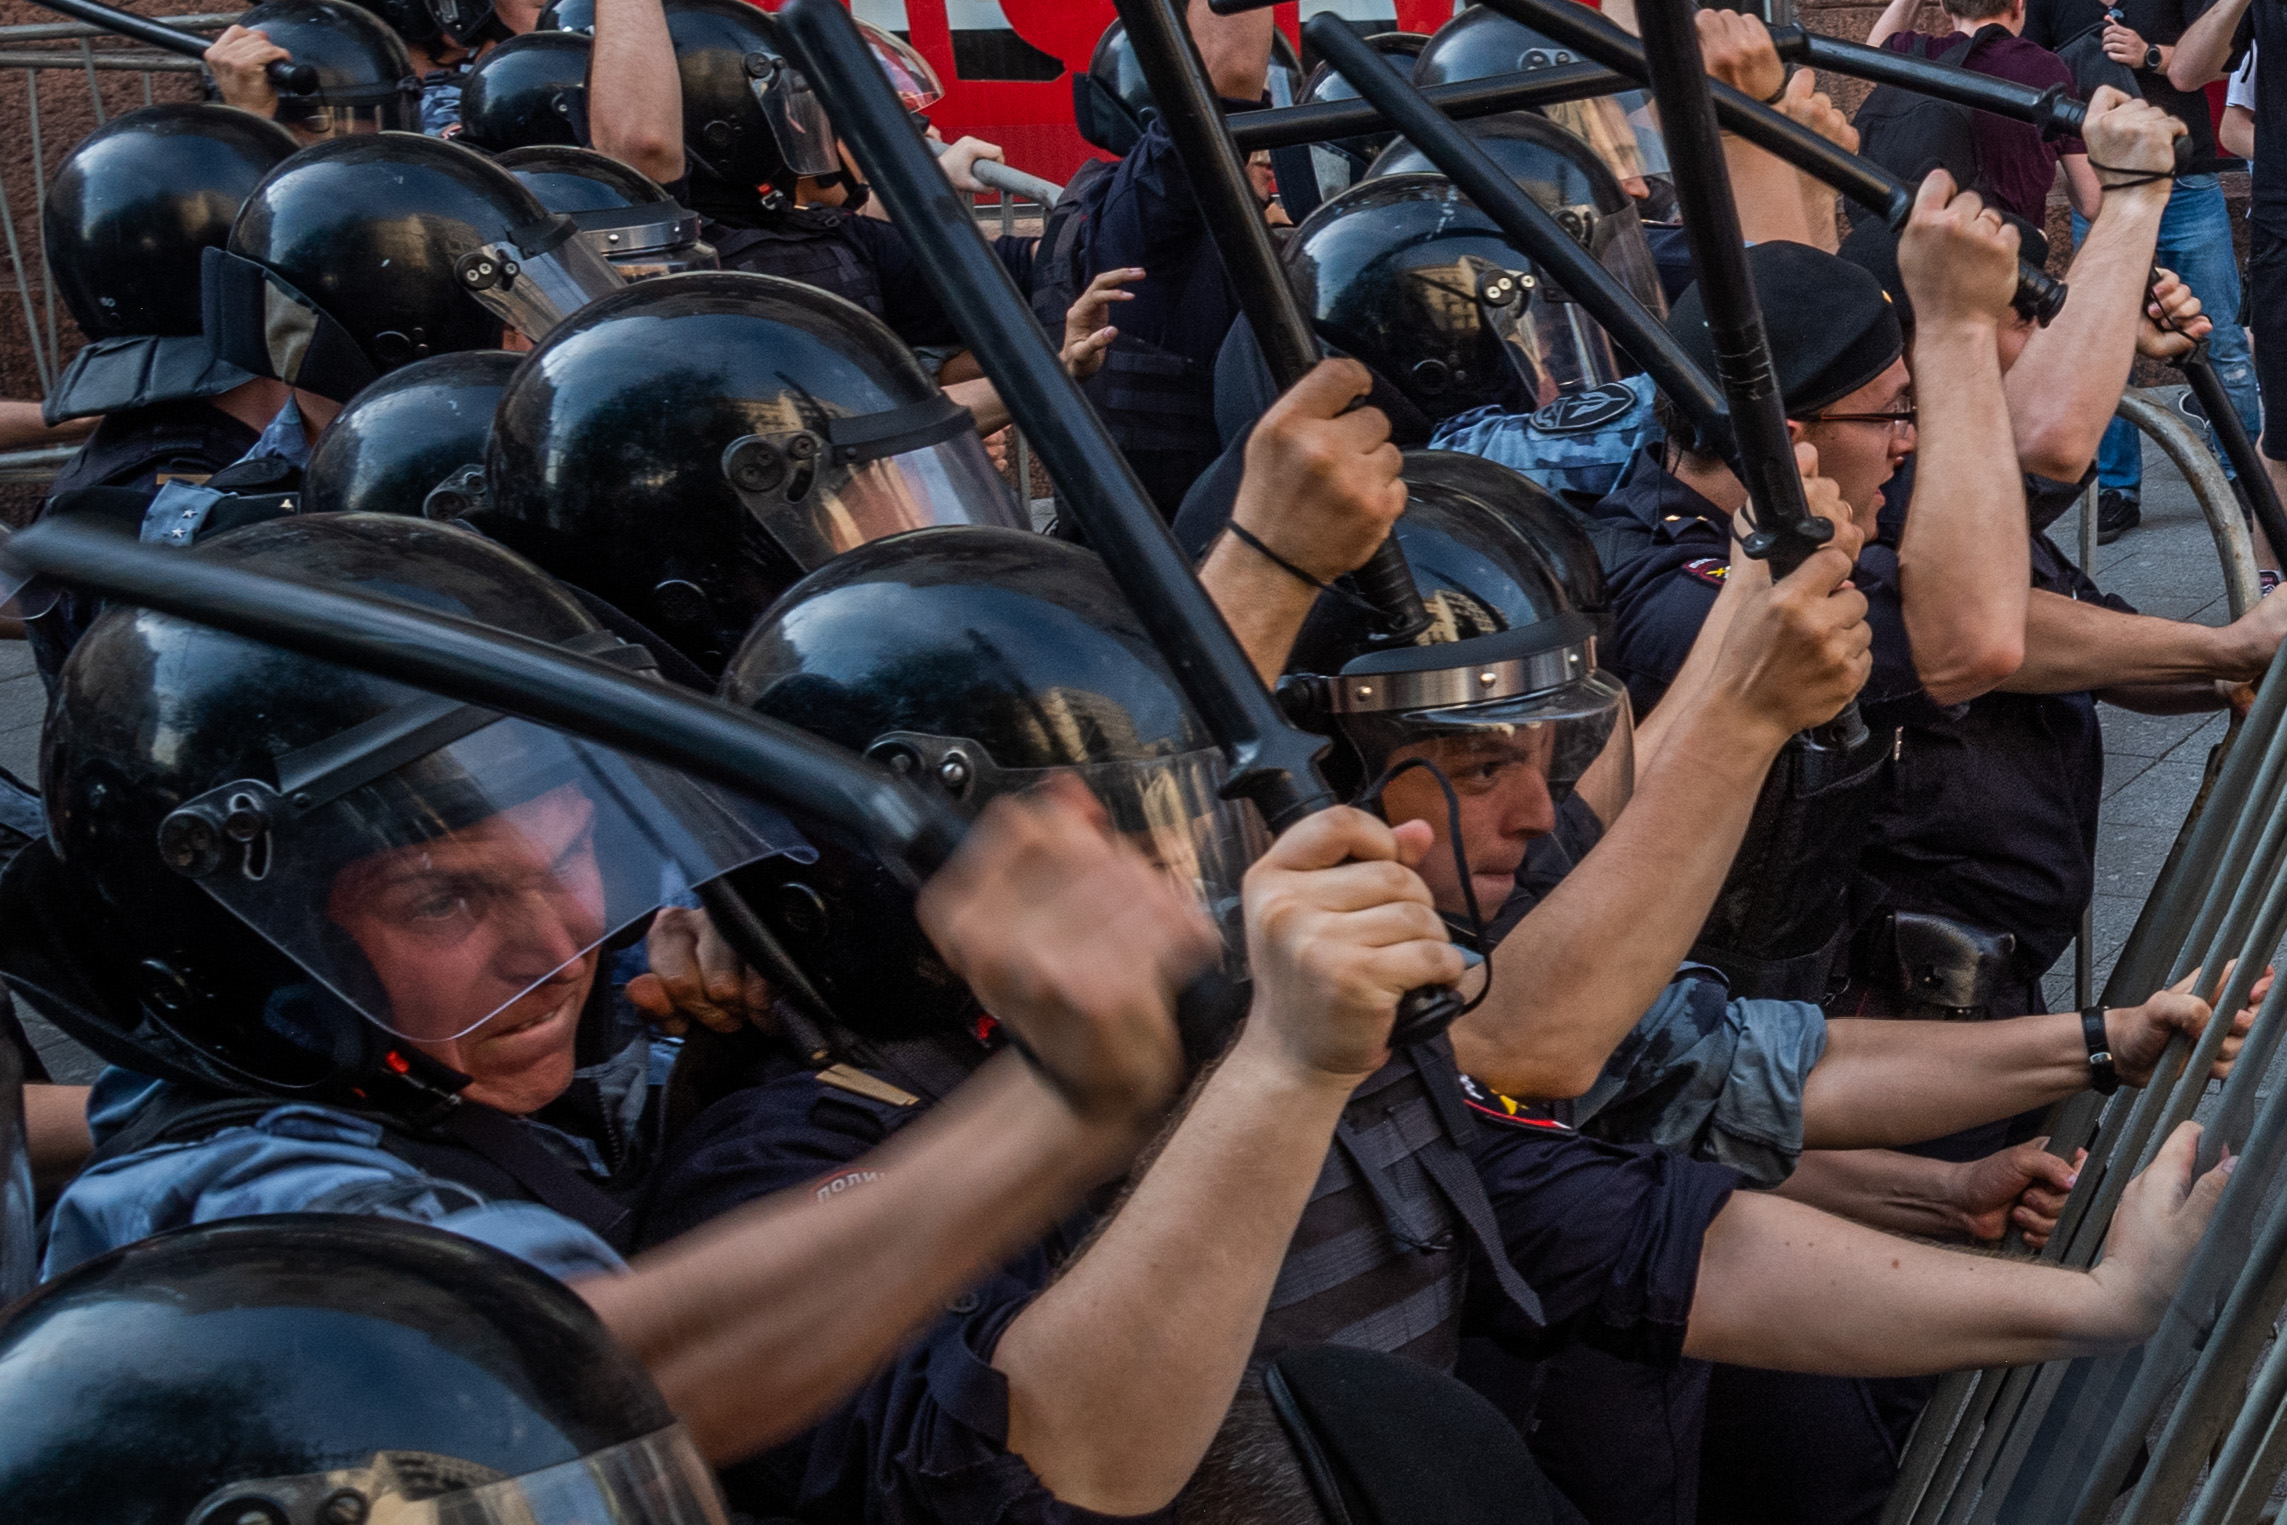 Hasserfüllte Gesichter der Polizeikräfte mit Schlagstöcken